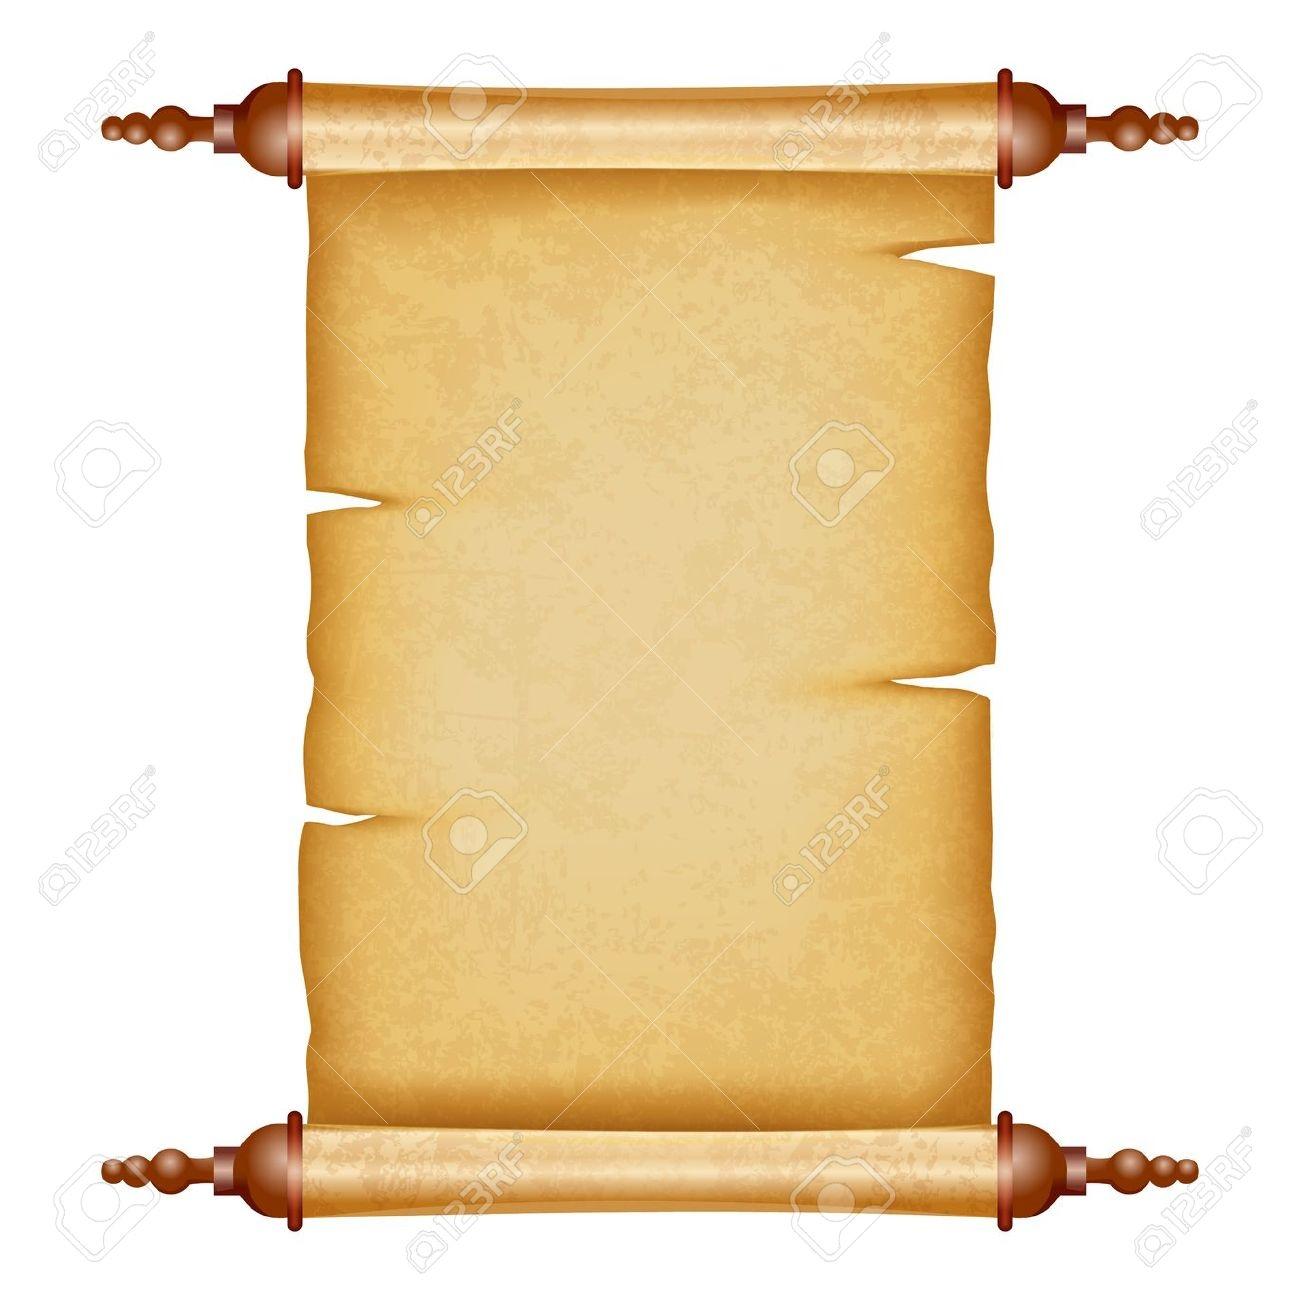 1300x1300 Paper Clipart Ancient Letter